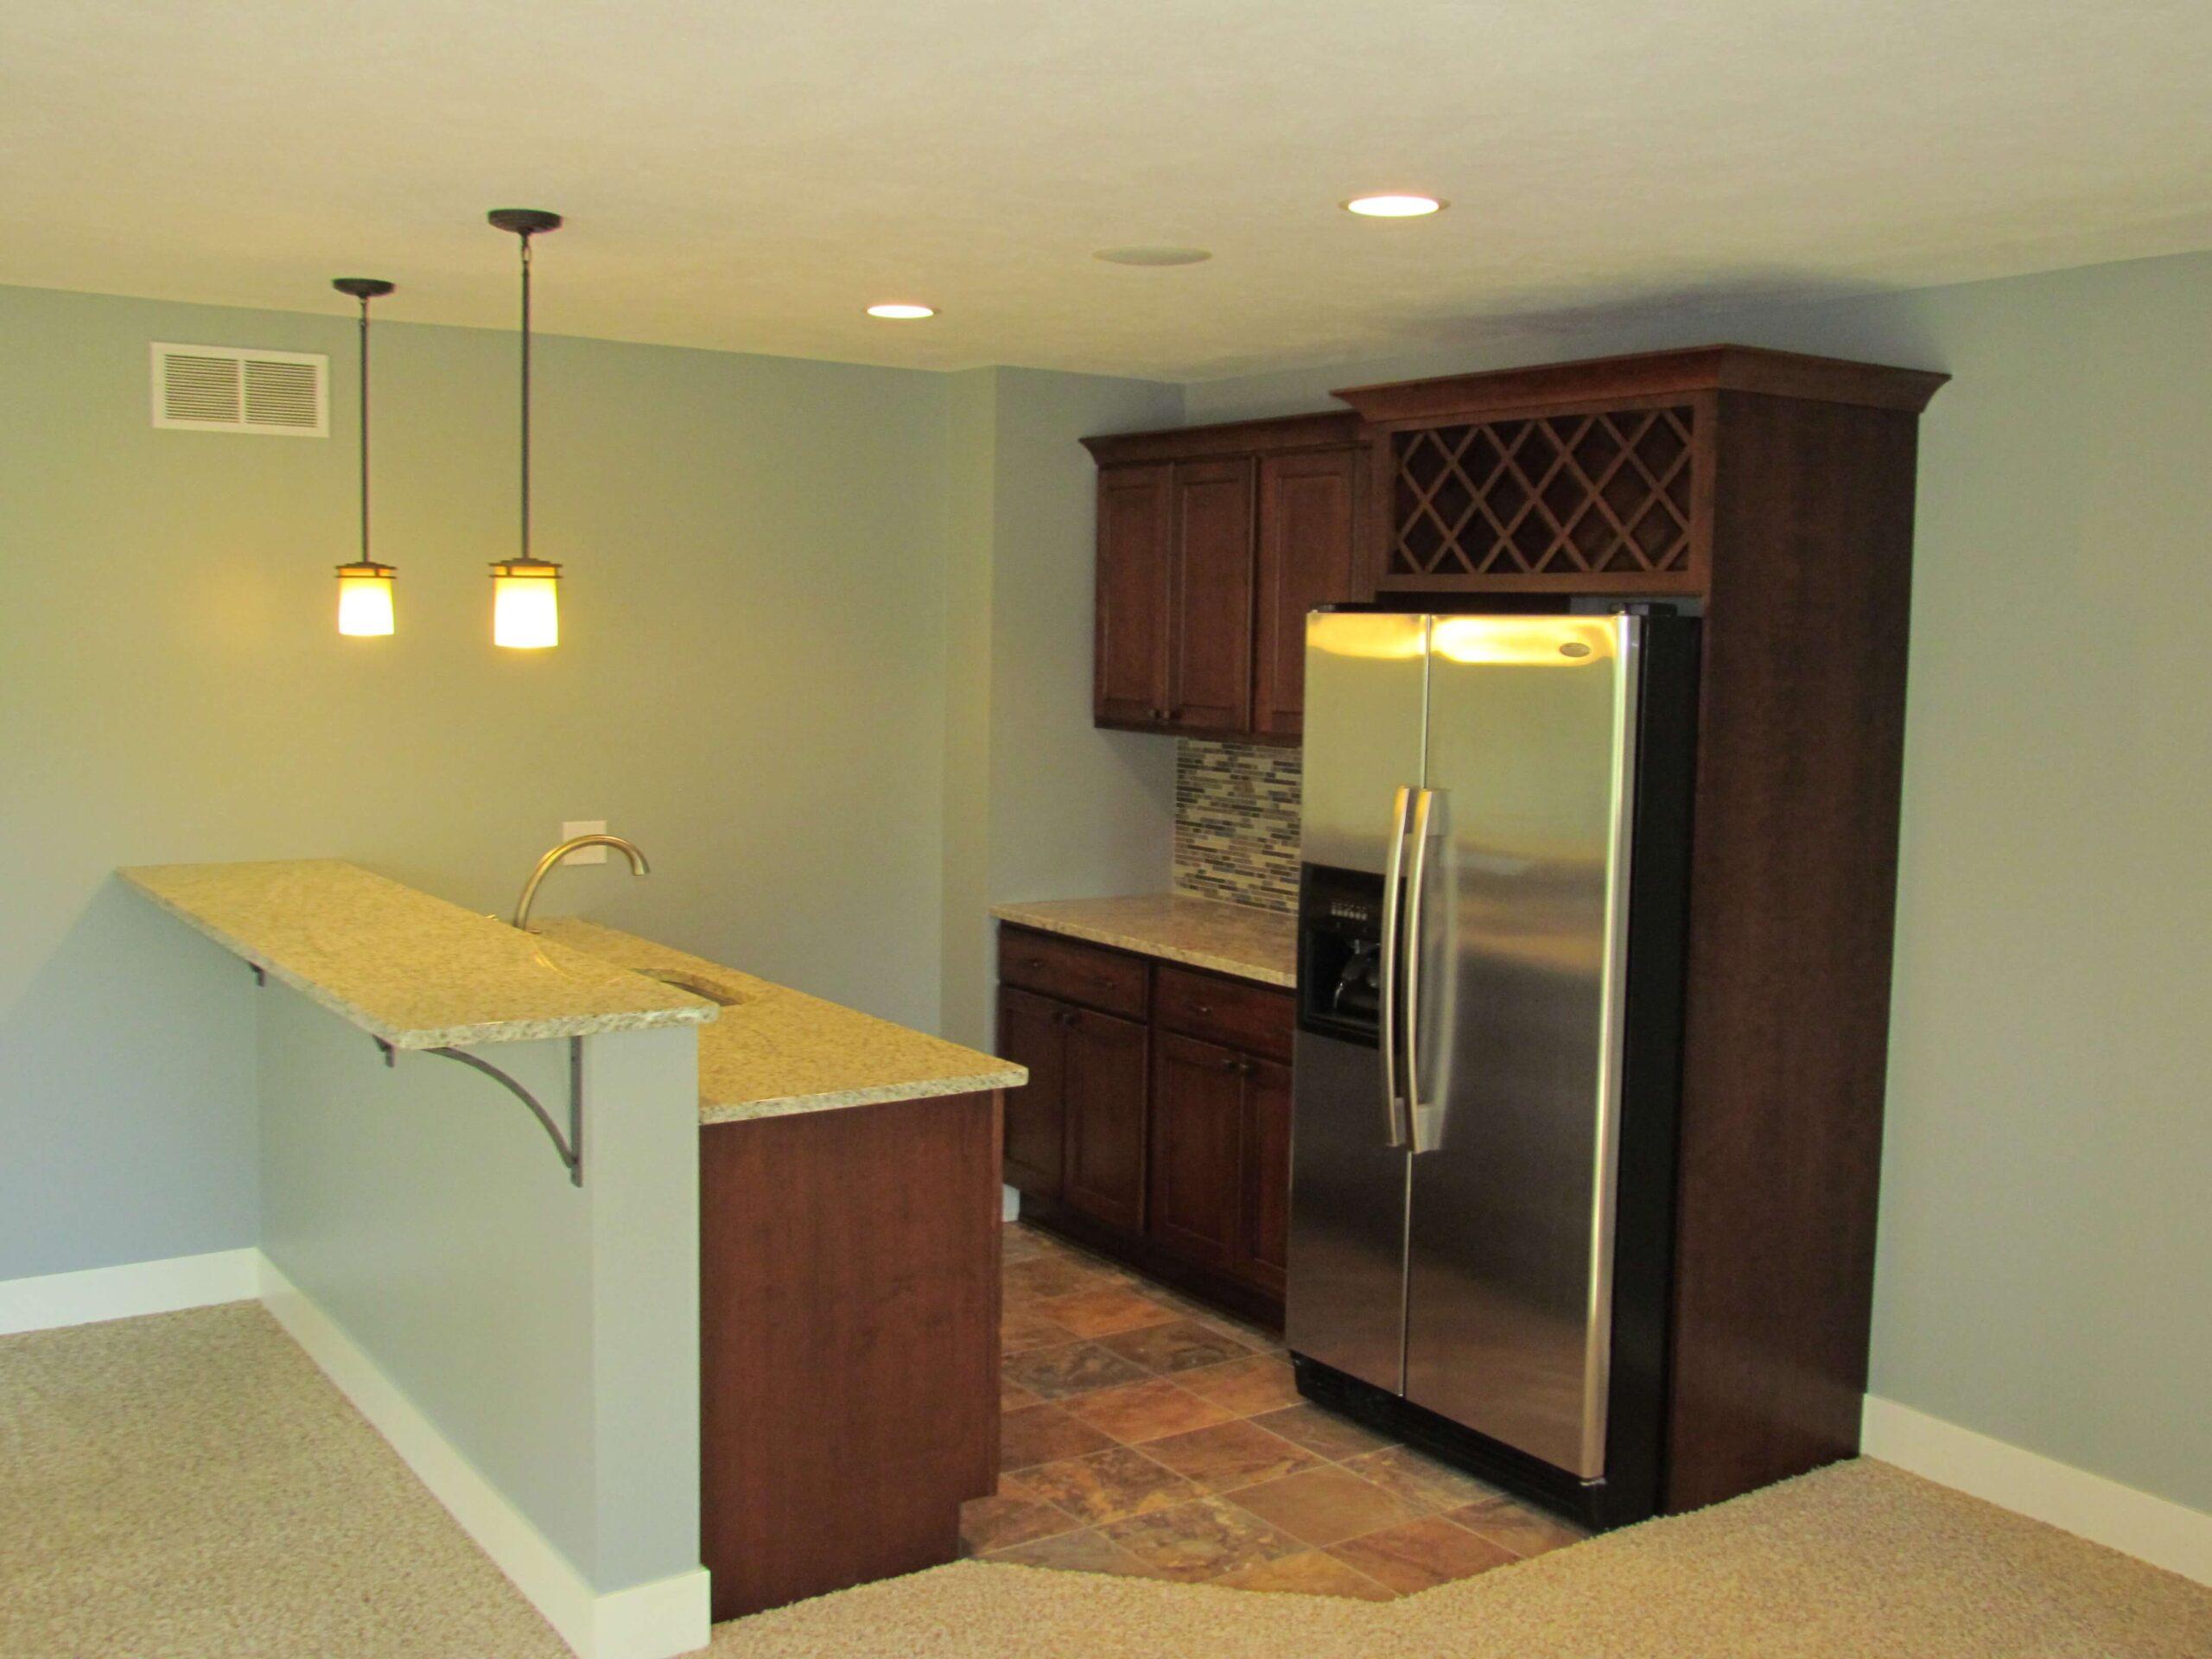 basement kitchen_feld after